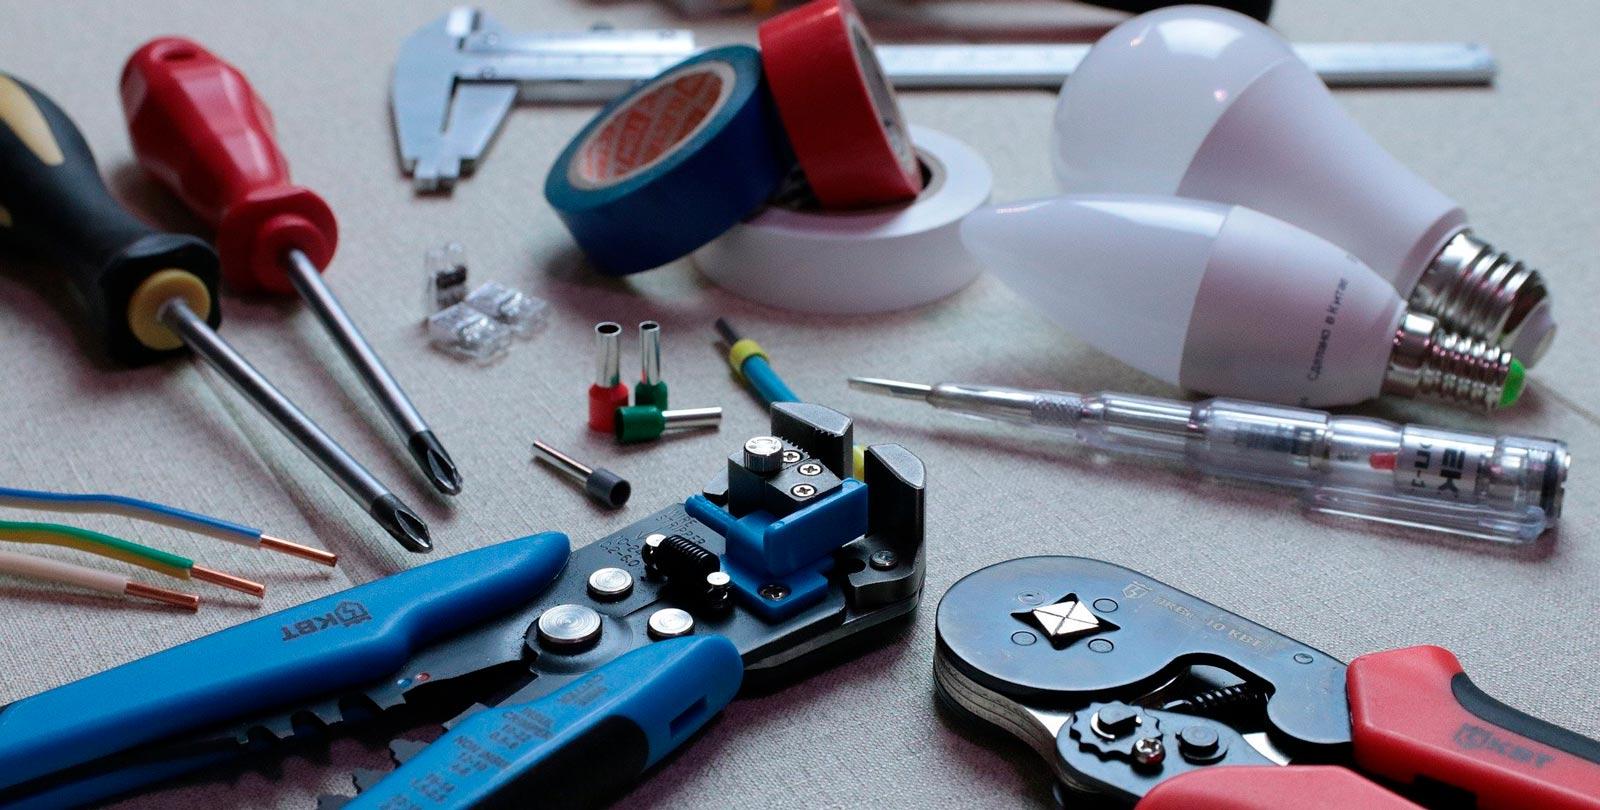 Reparaciones de electricidad sorin madrid